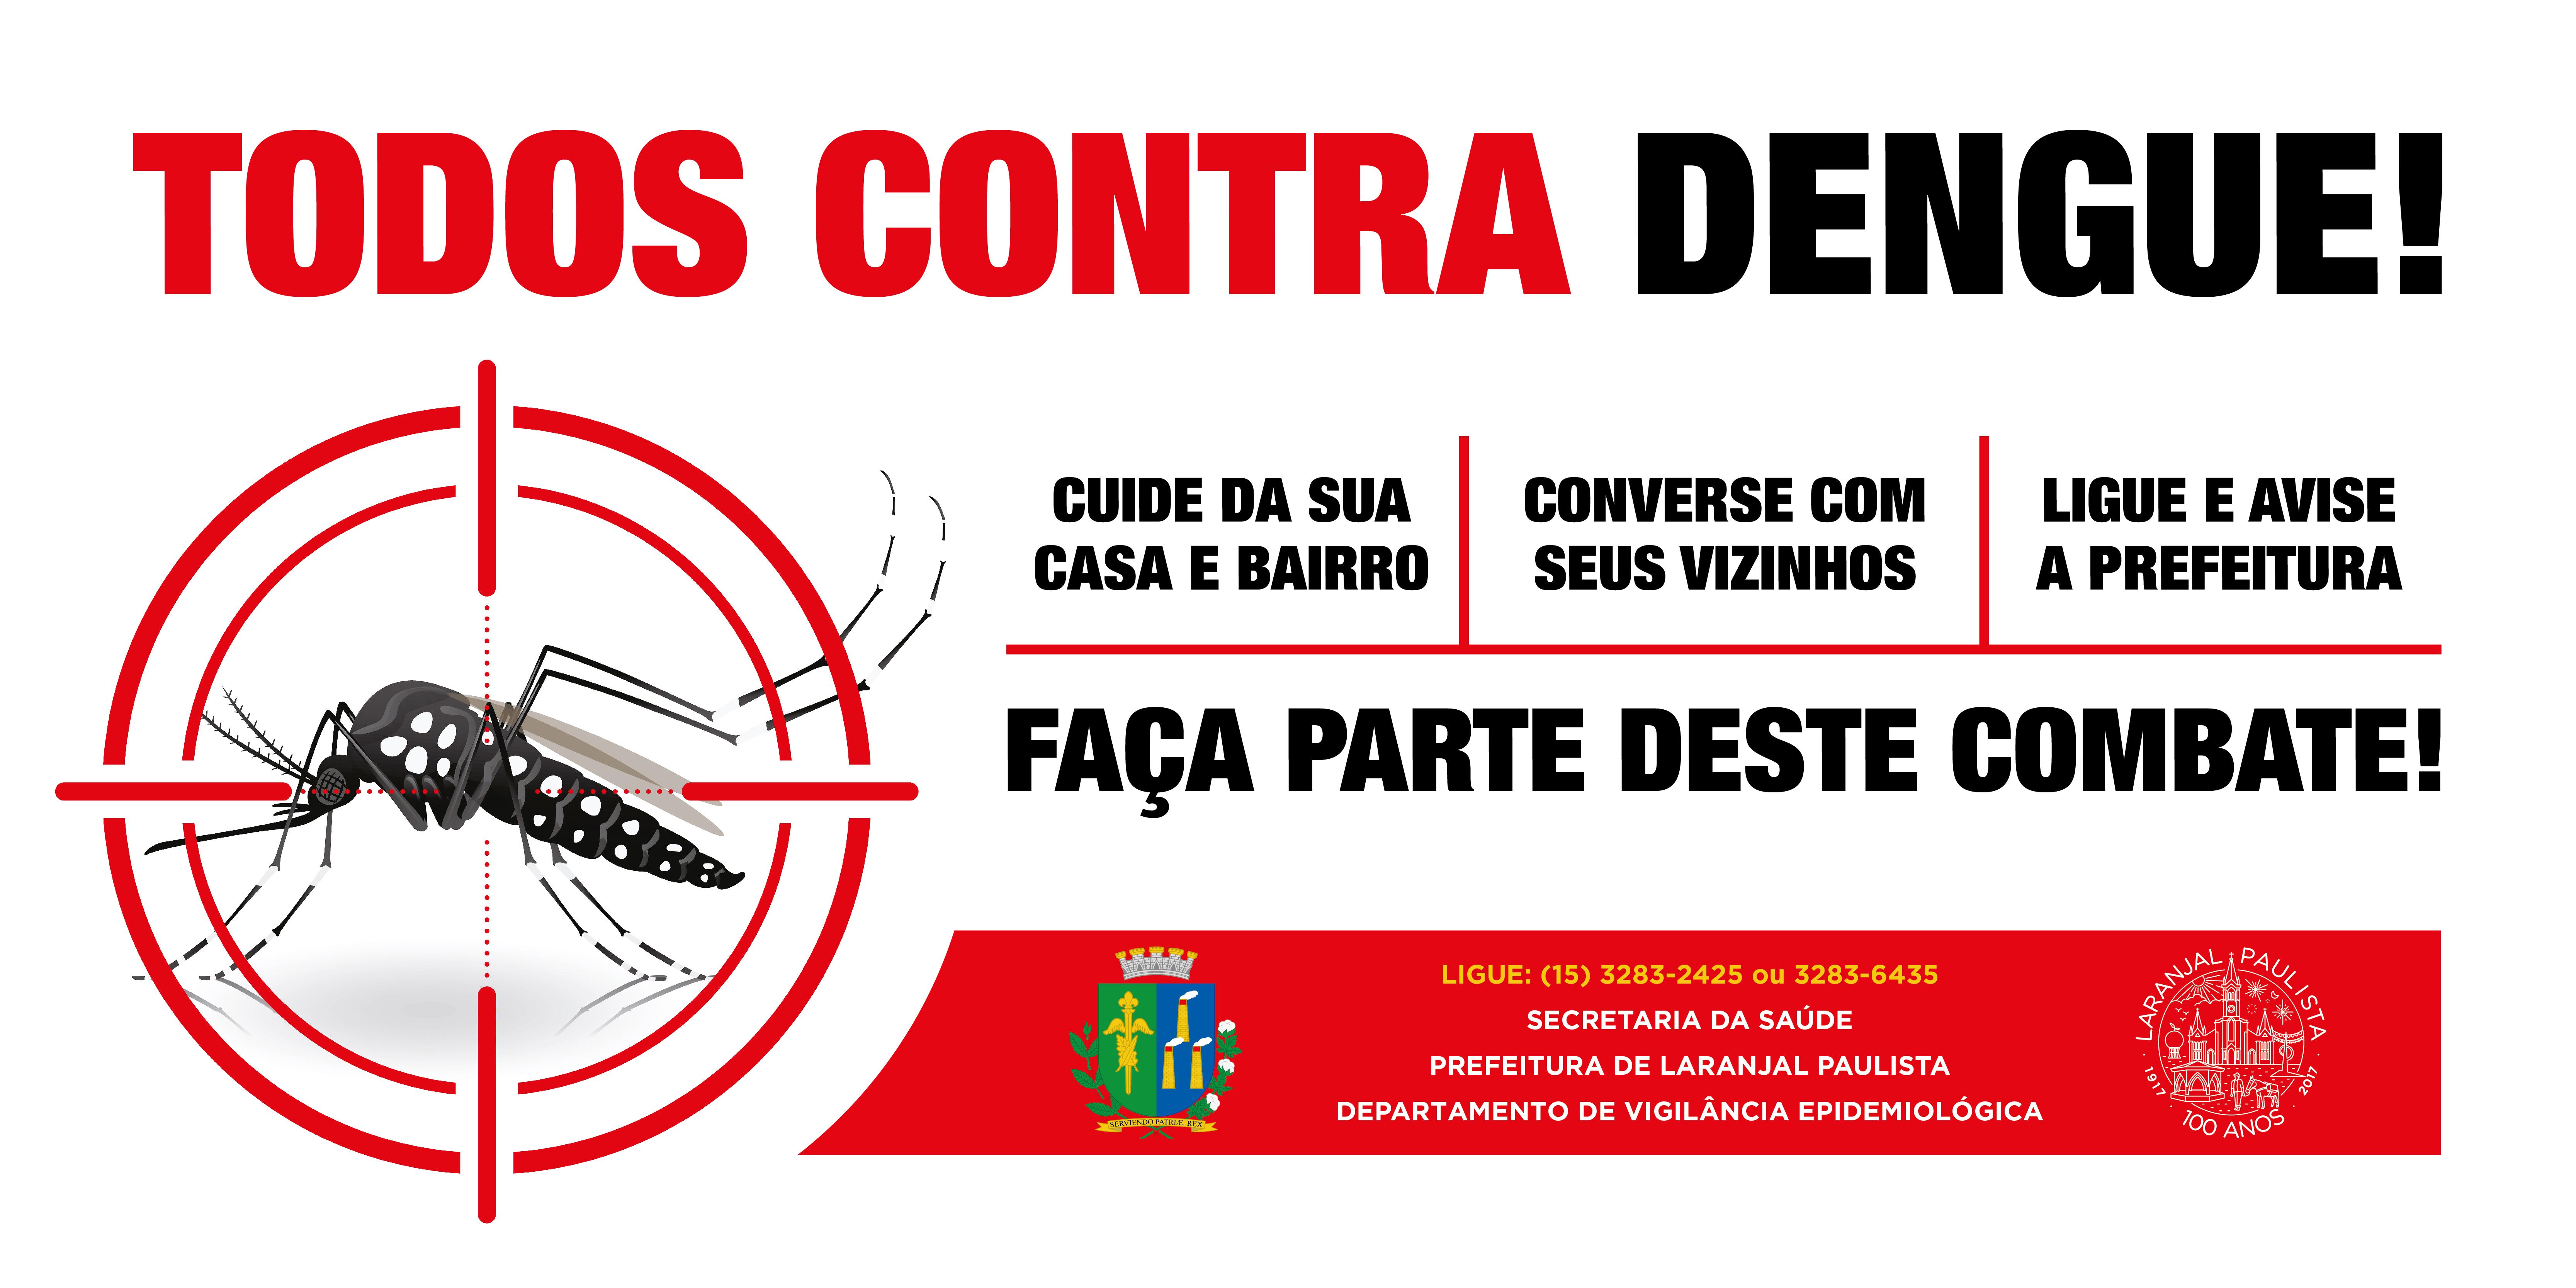 Todos Contra Dengue! Vamos eliminar o foco da doença!